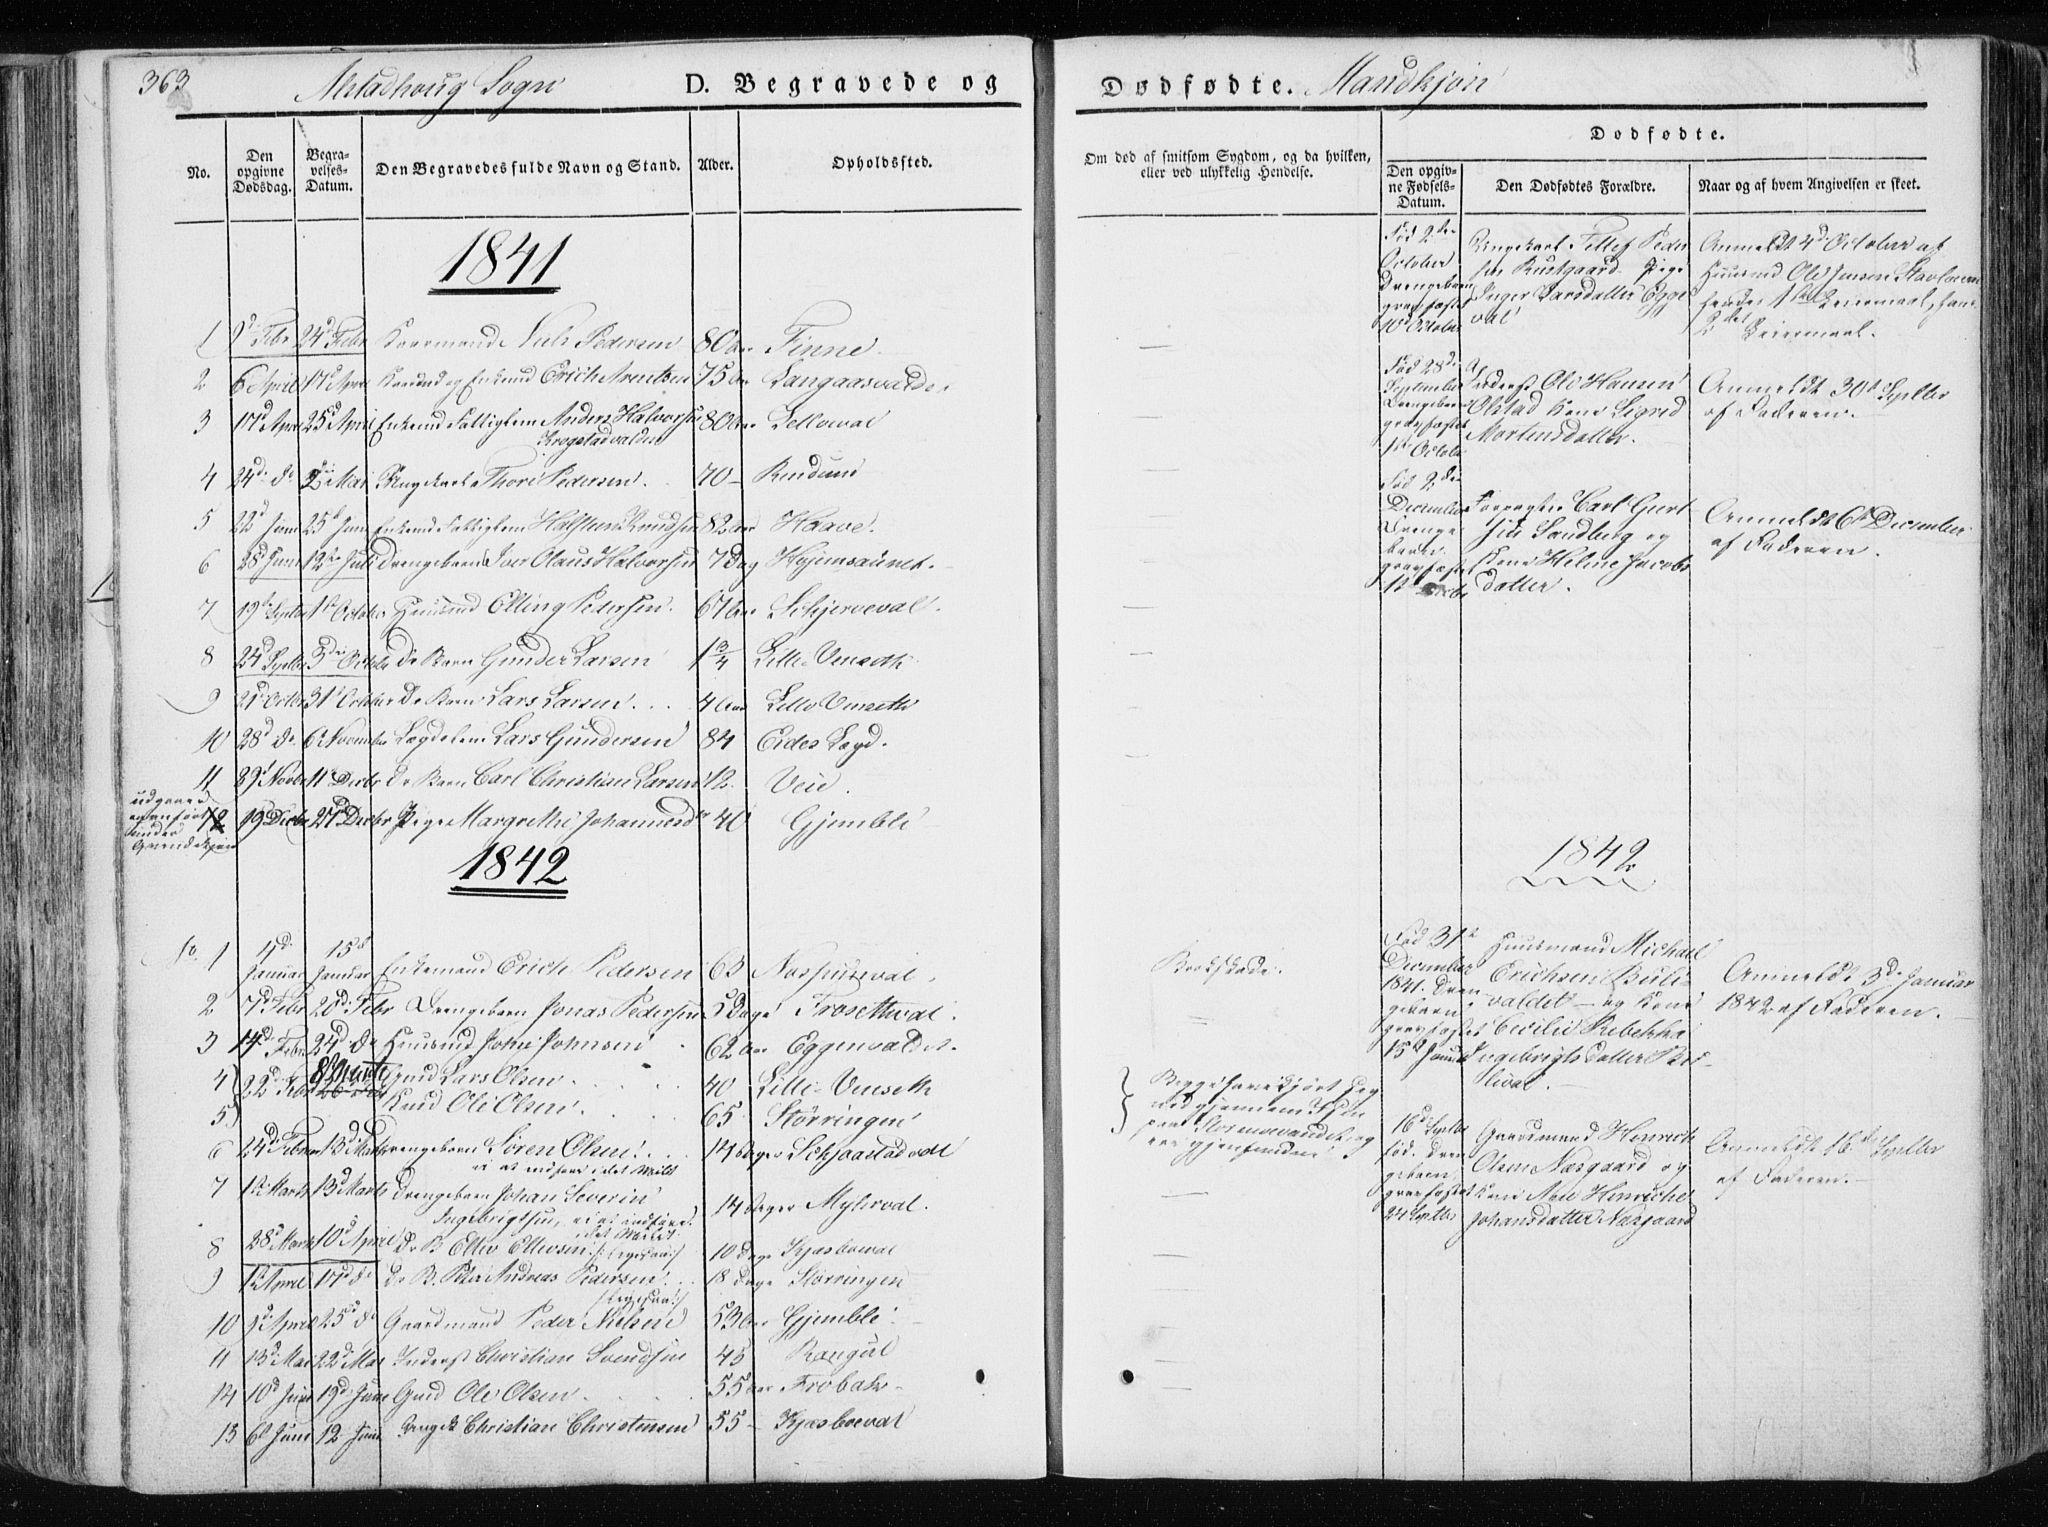 SAT, Ministerialprotokoller, klokkerbøker og fødselsregistre - Nord-Trøndelag, 717/L0154: Ministerialbok nr. 717A06 /1, 1836-1849, s. 363